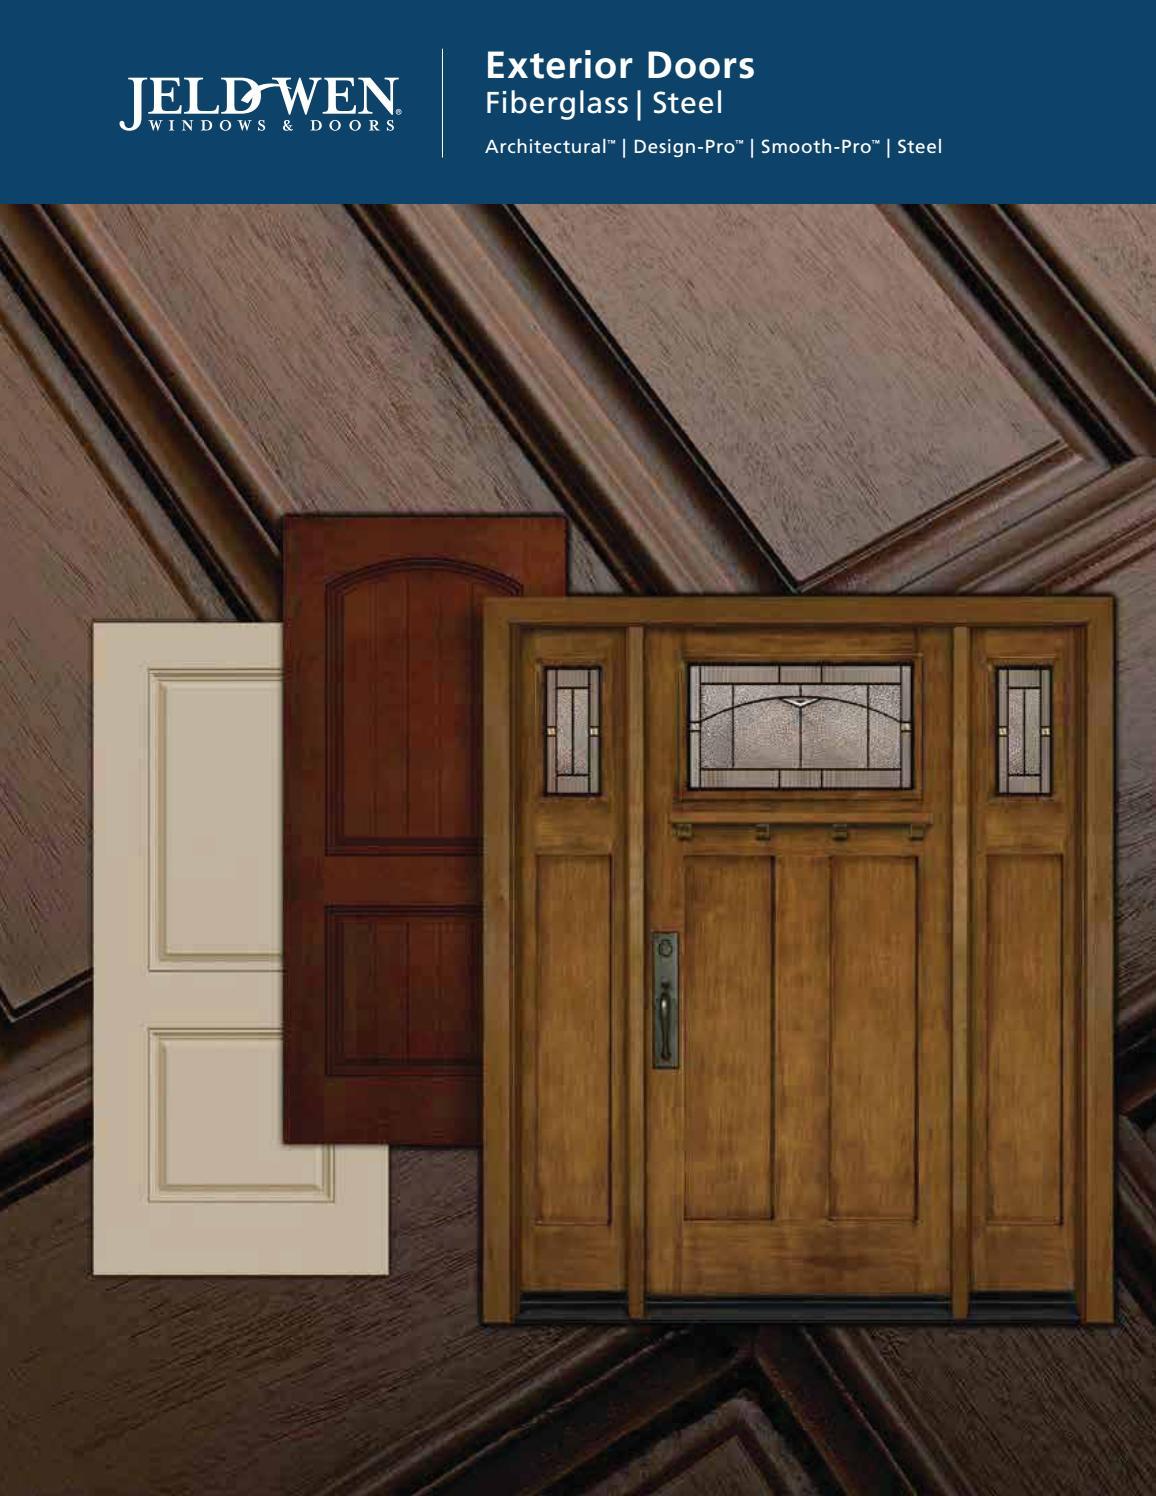 Jeld wen fiberglass steel exterior doors 2017 by meek 39 s for Jeld wen exterior fiberglass doors